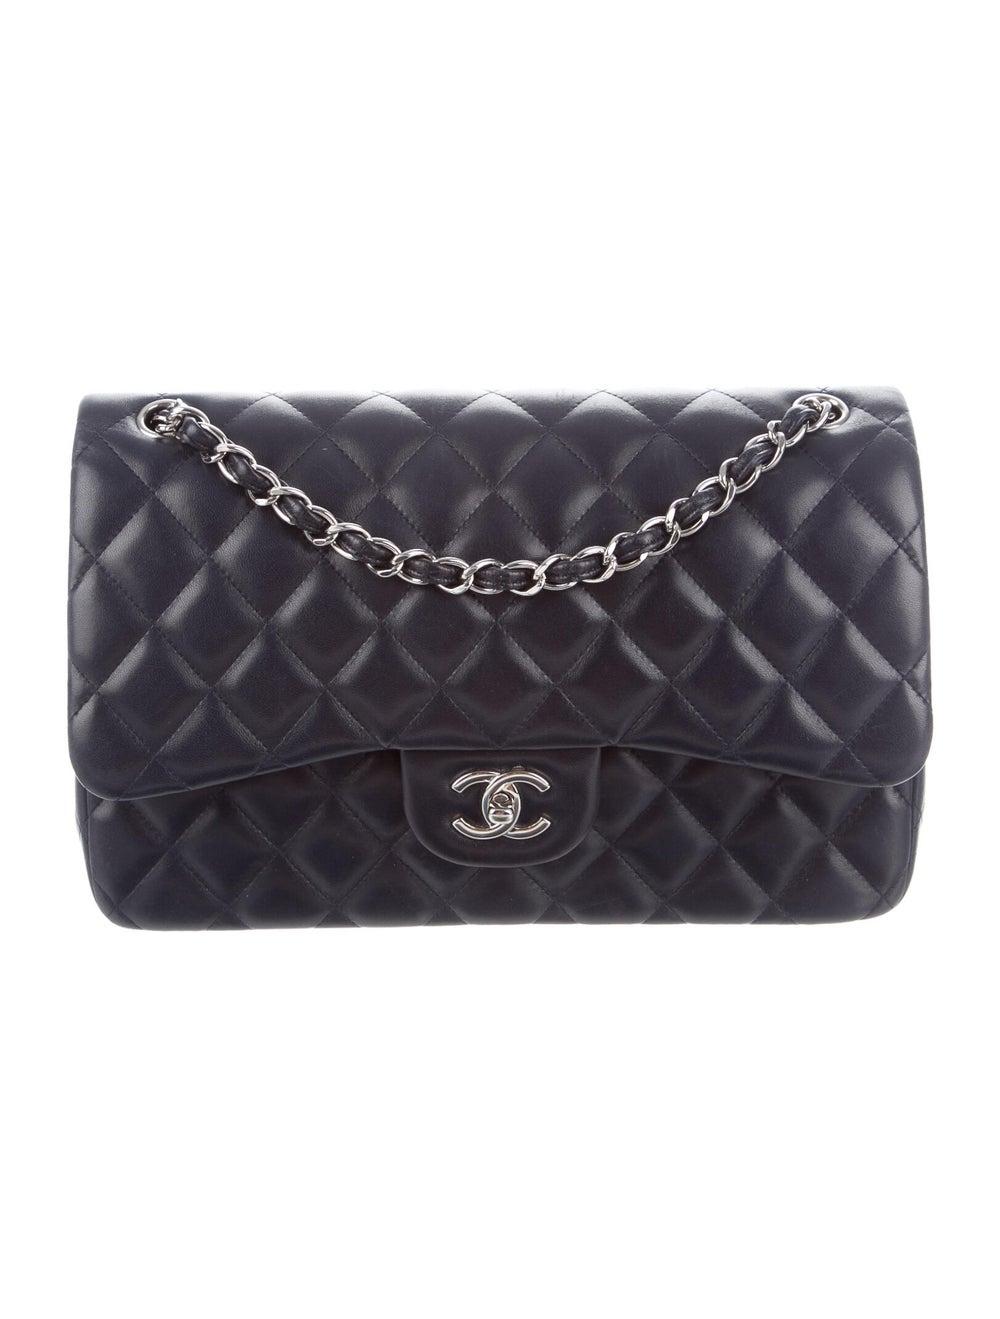 Chanel Classic Jumbo Double Flap Bag Navy - image 1